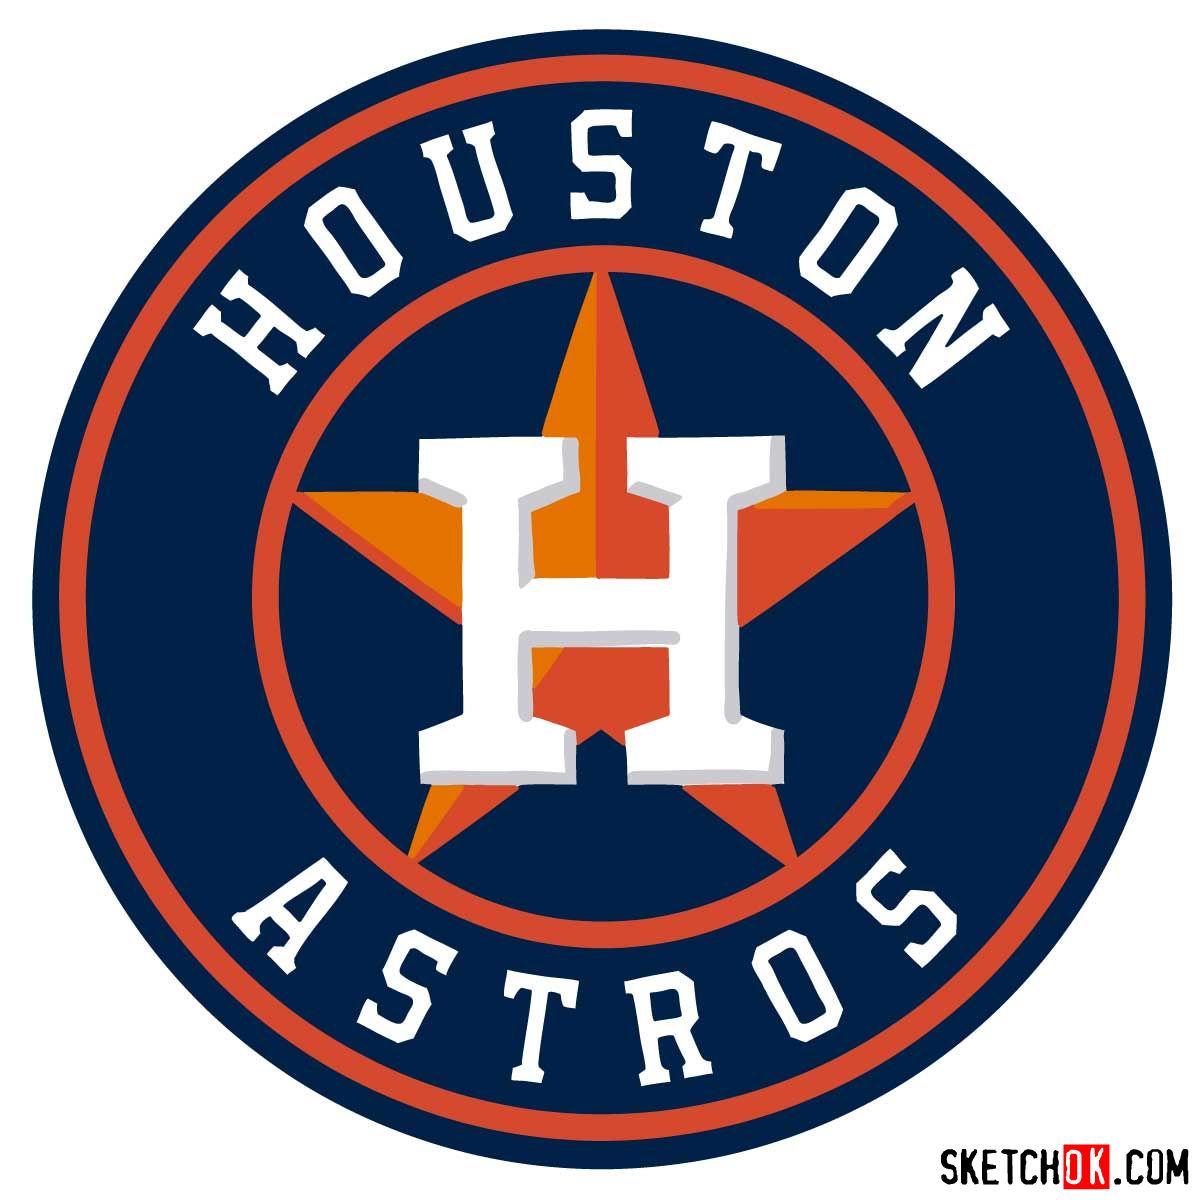 How to draw Houston Astros logo | MLB logos